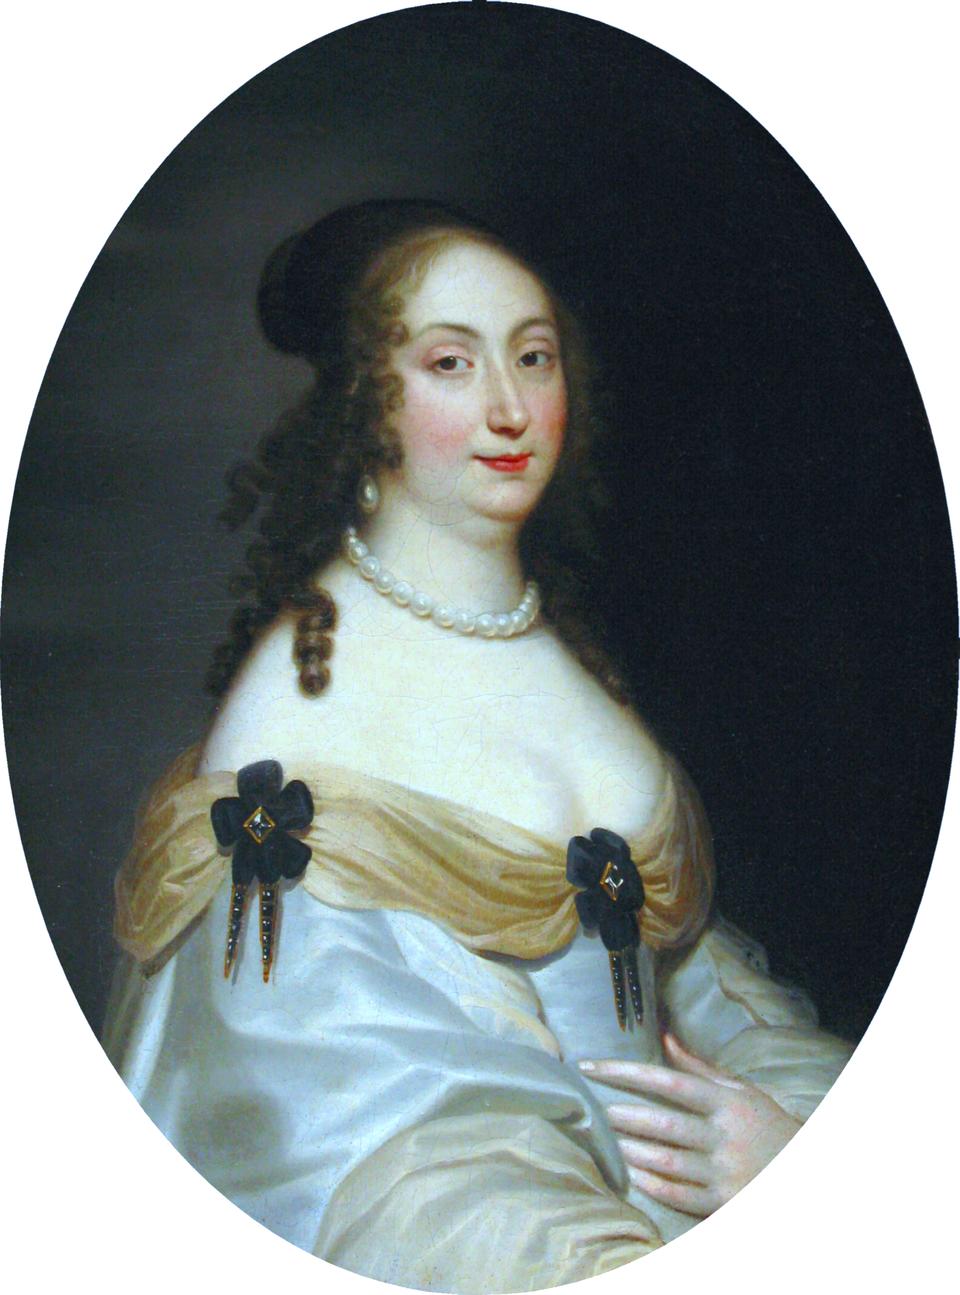 KrólowaLudwika Maria, żona Władysława IV Wazy